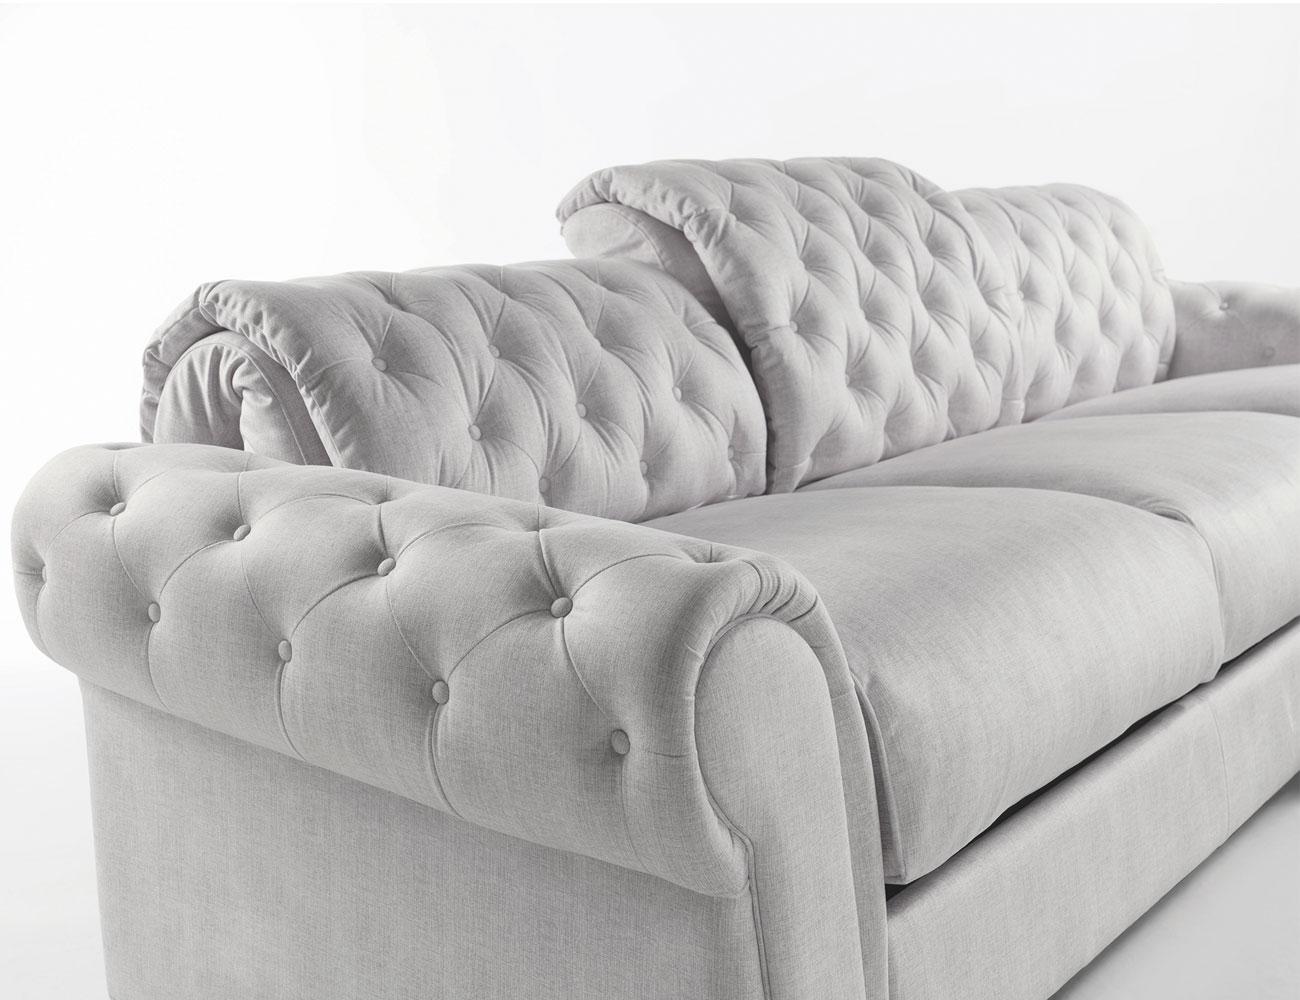 Sofa chaiselongue gran lujo decorativo capitone blanco tela 160